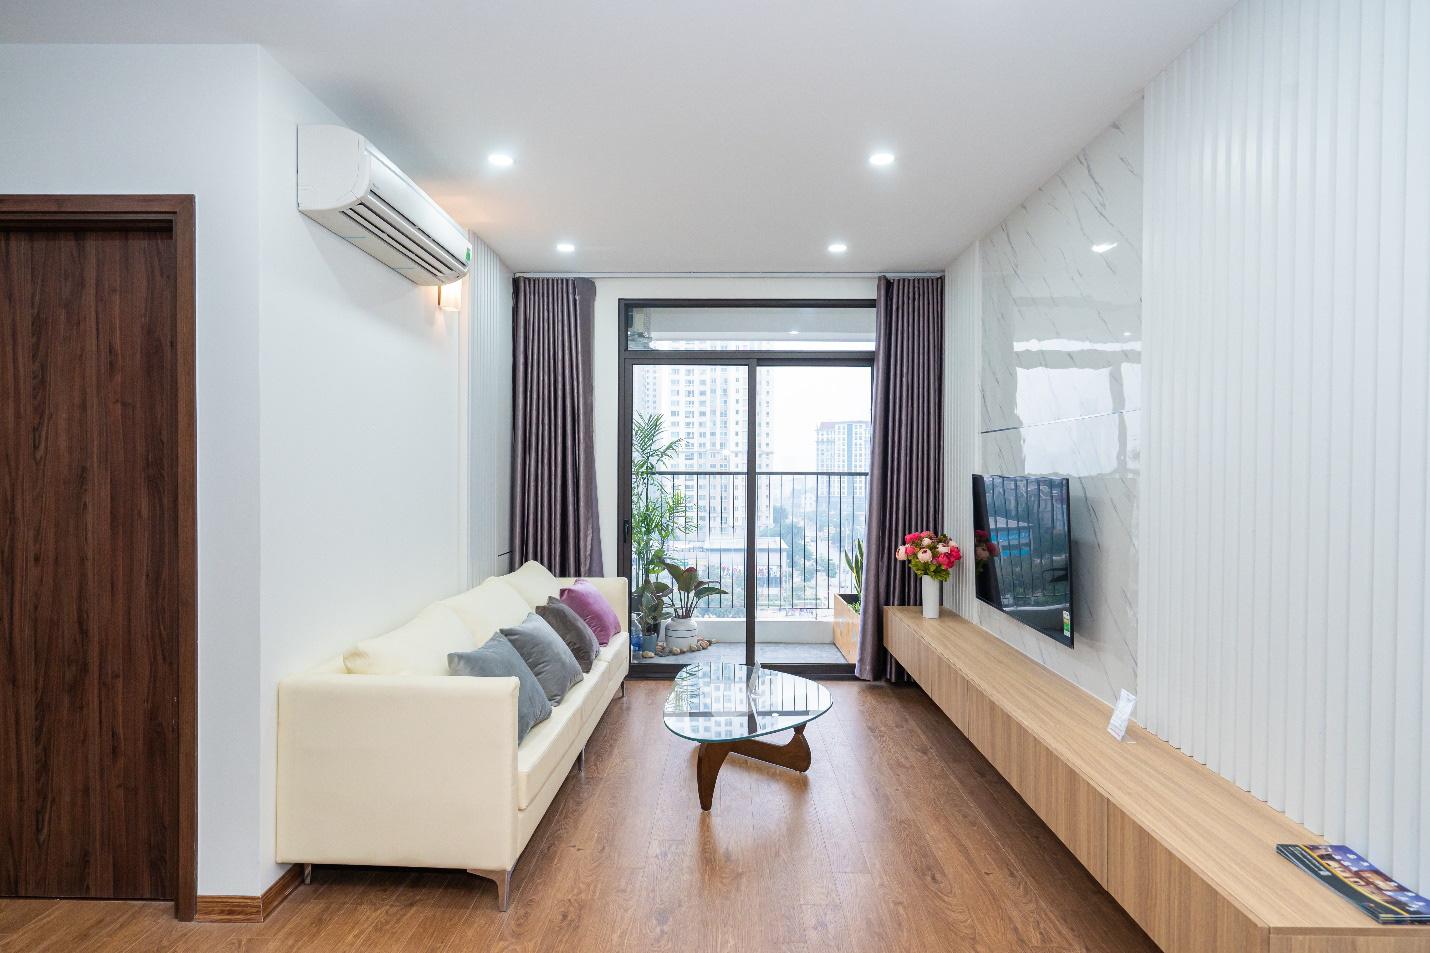 Thỏa mãn giấc mơ an cư khi mua căn hộ Phú Thịnh Green Park - Ảnh 2.